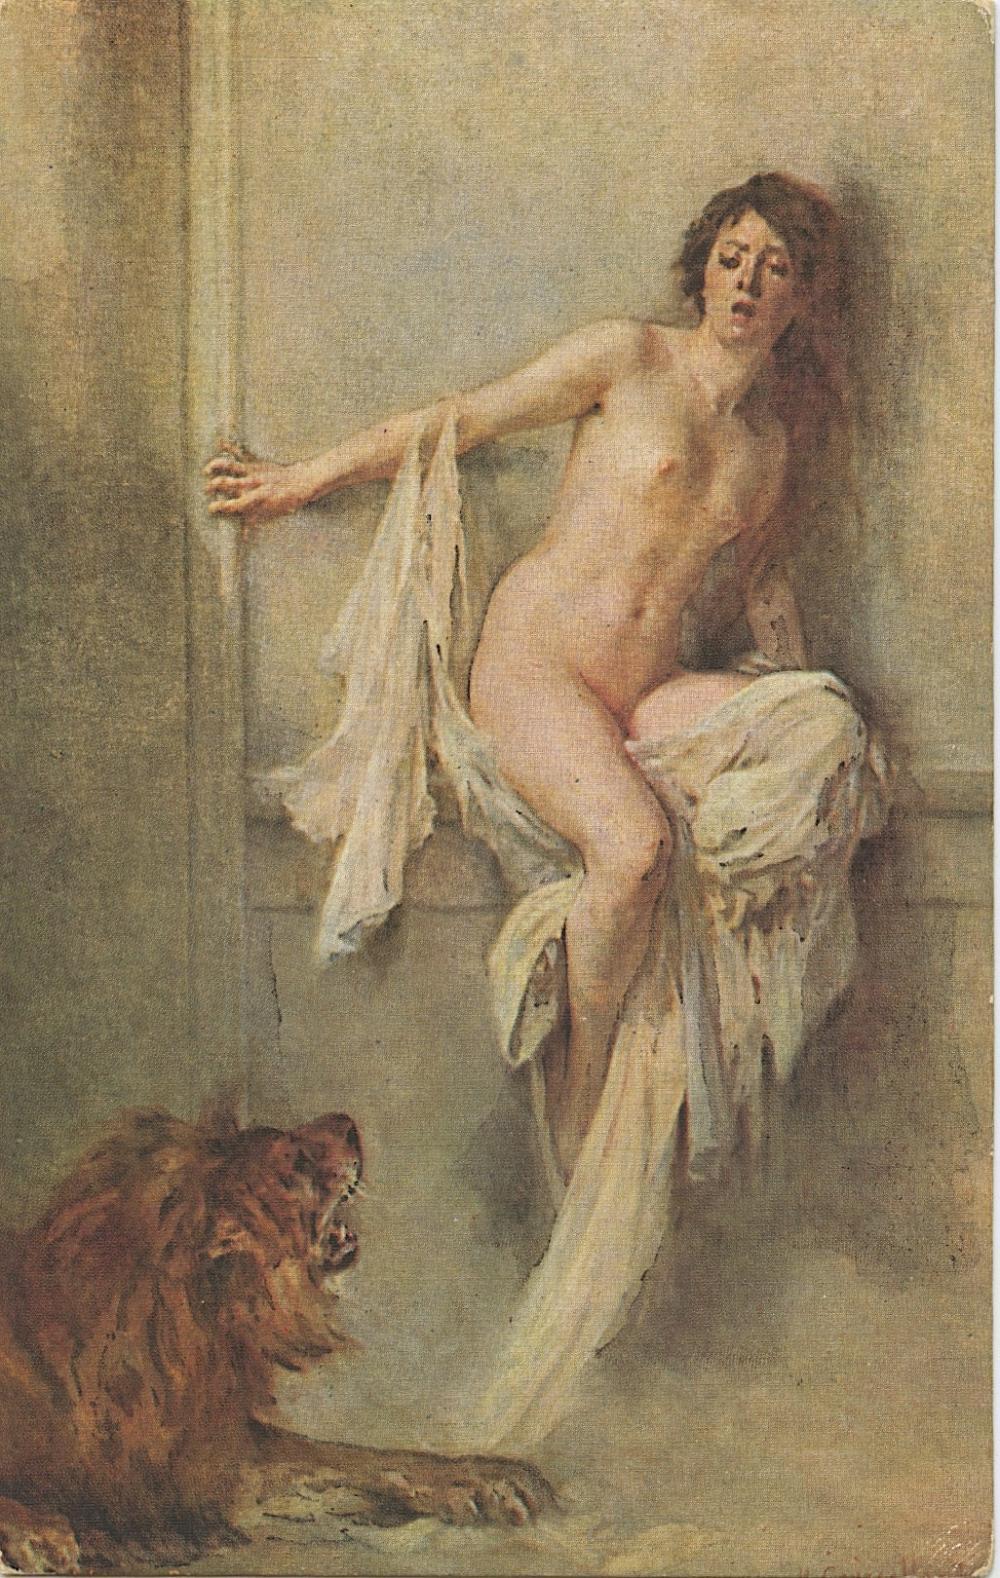 Antique Vintage Rare Postcard Fine Art Nude